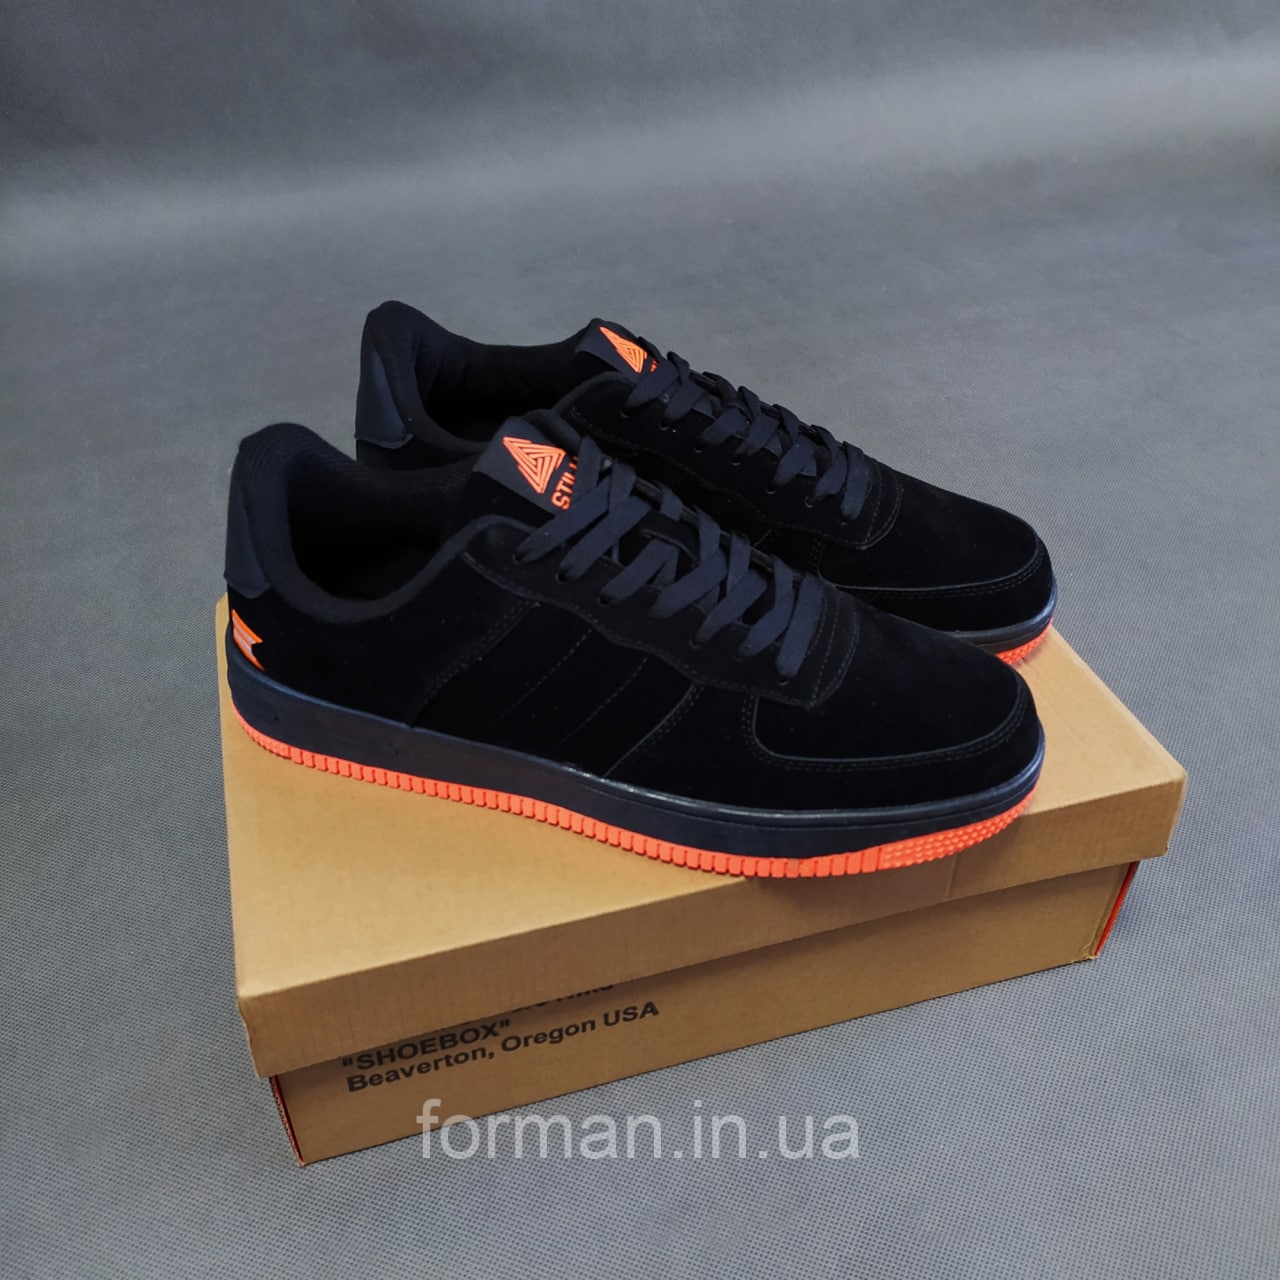 Чоловічі замшеві кросівки Force, чорні з помаранчевим